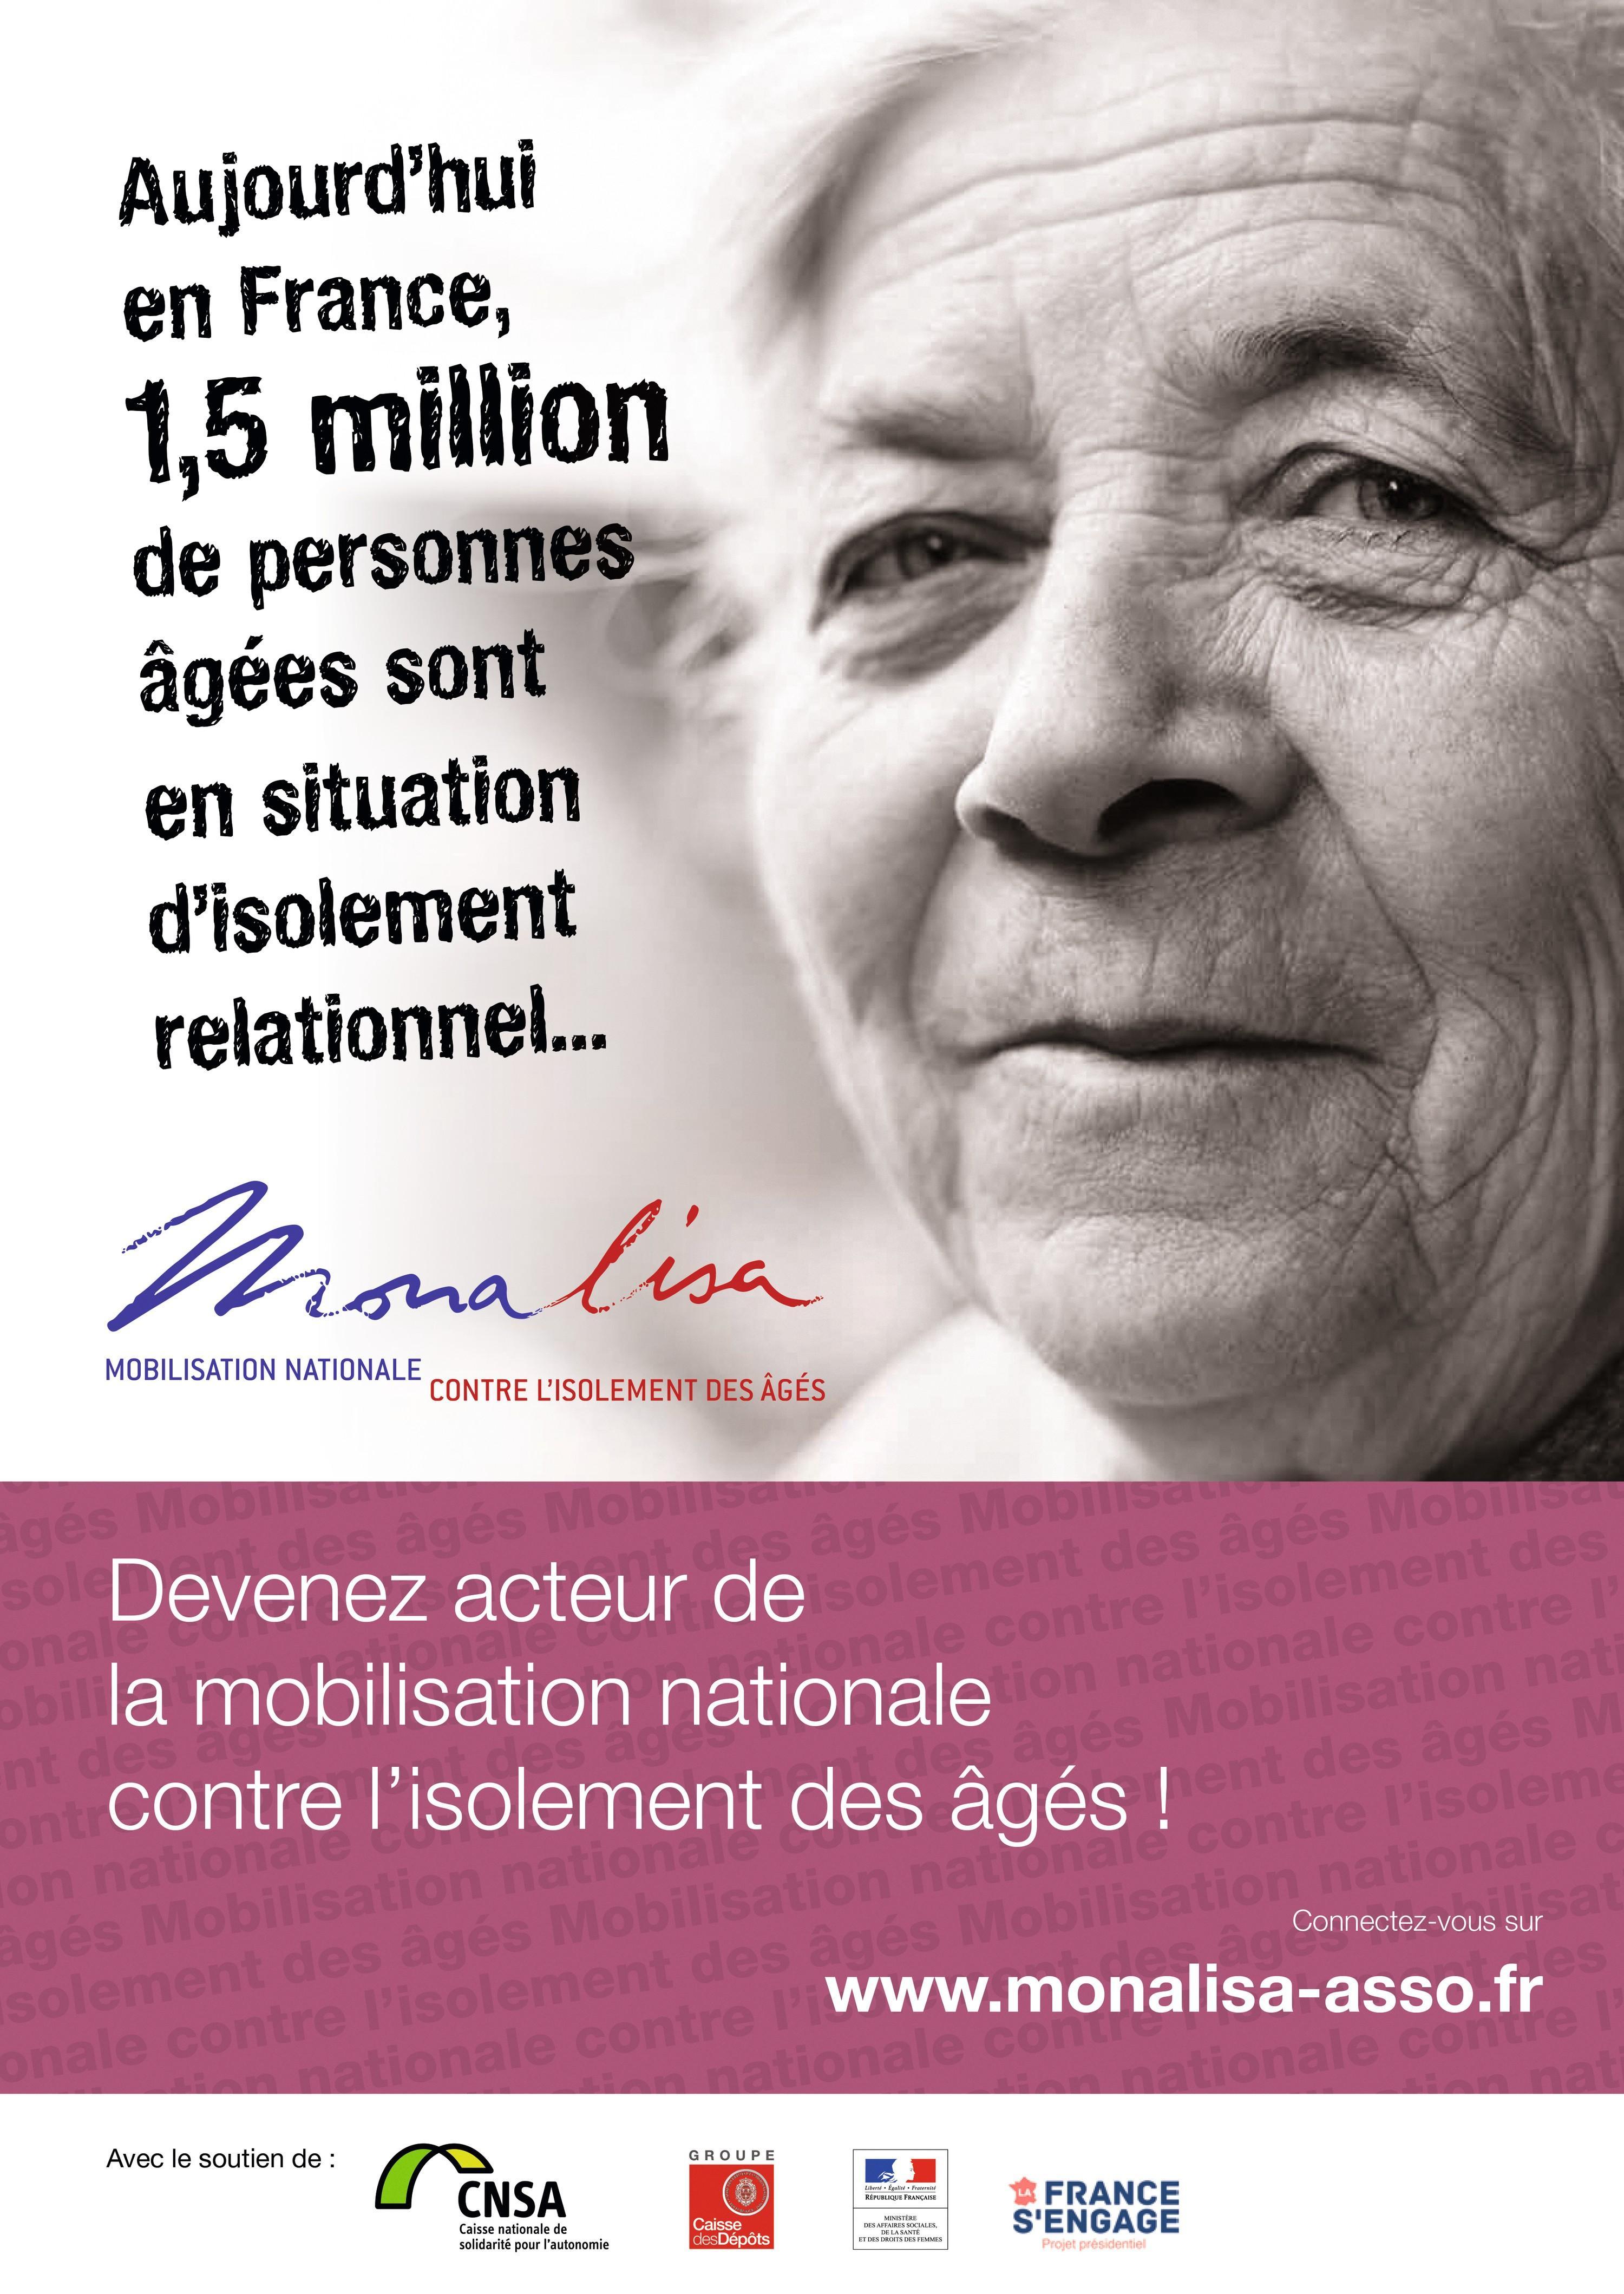 L'association Monalisa agit contre l'isolement des personnes âgées en France.